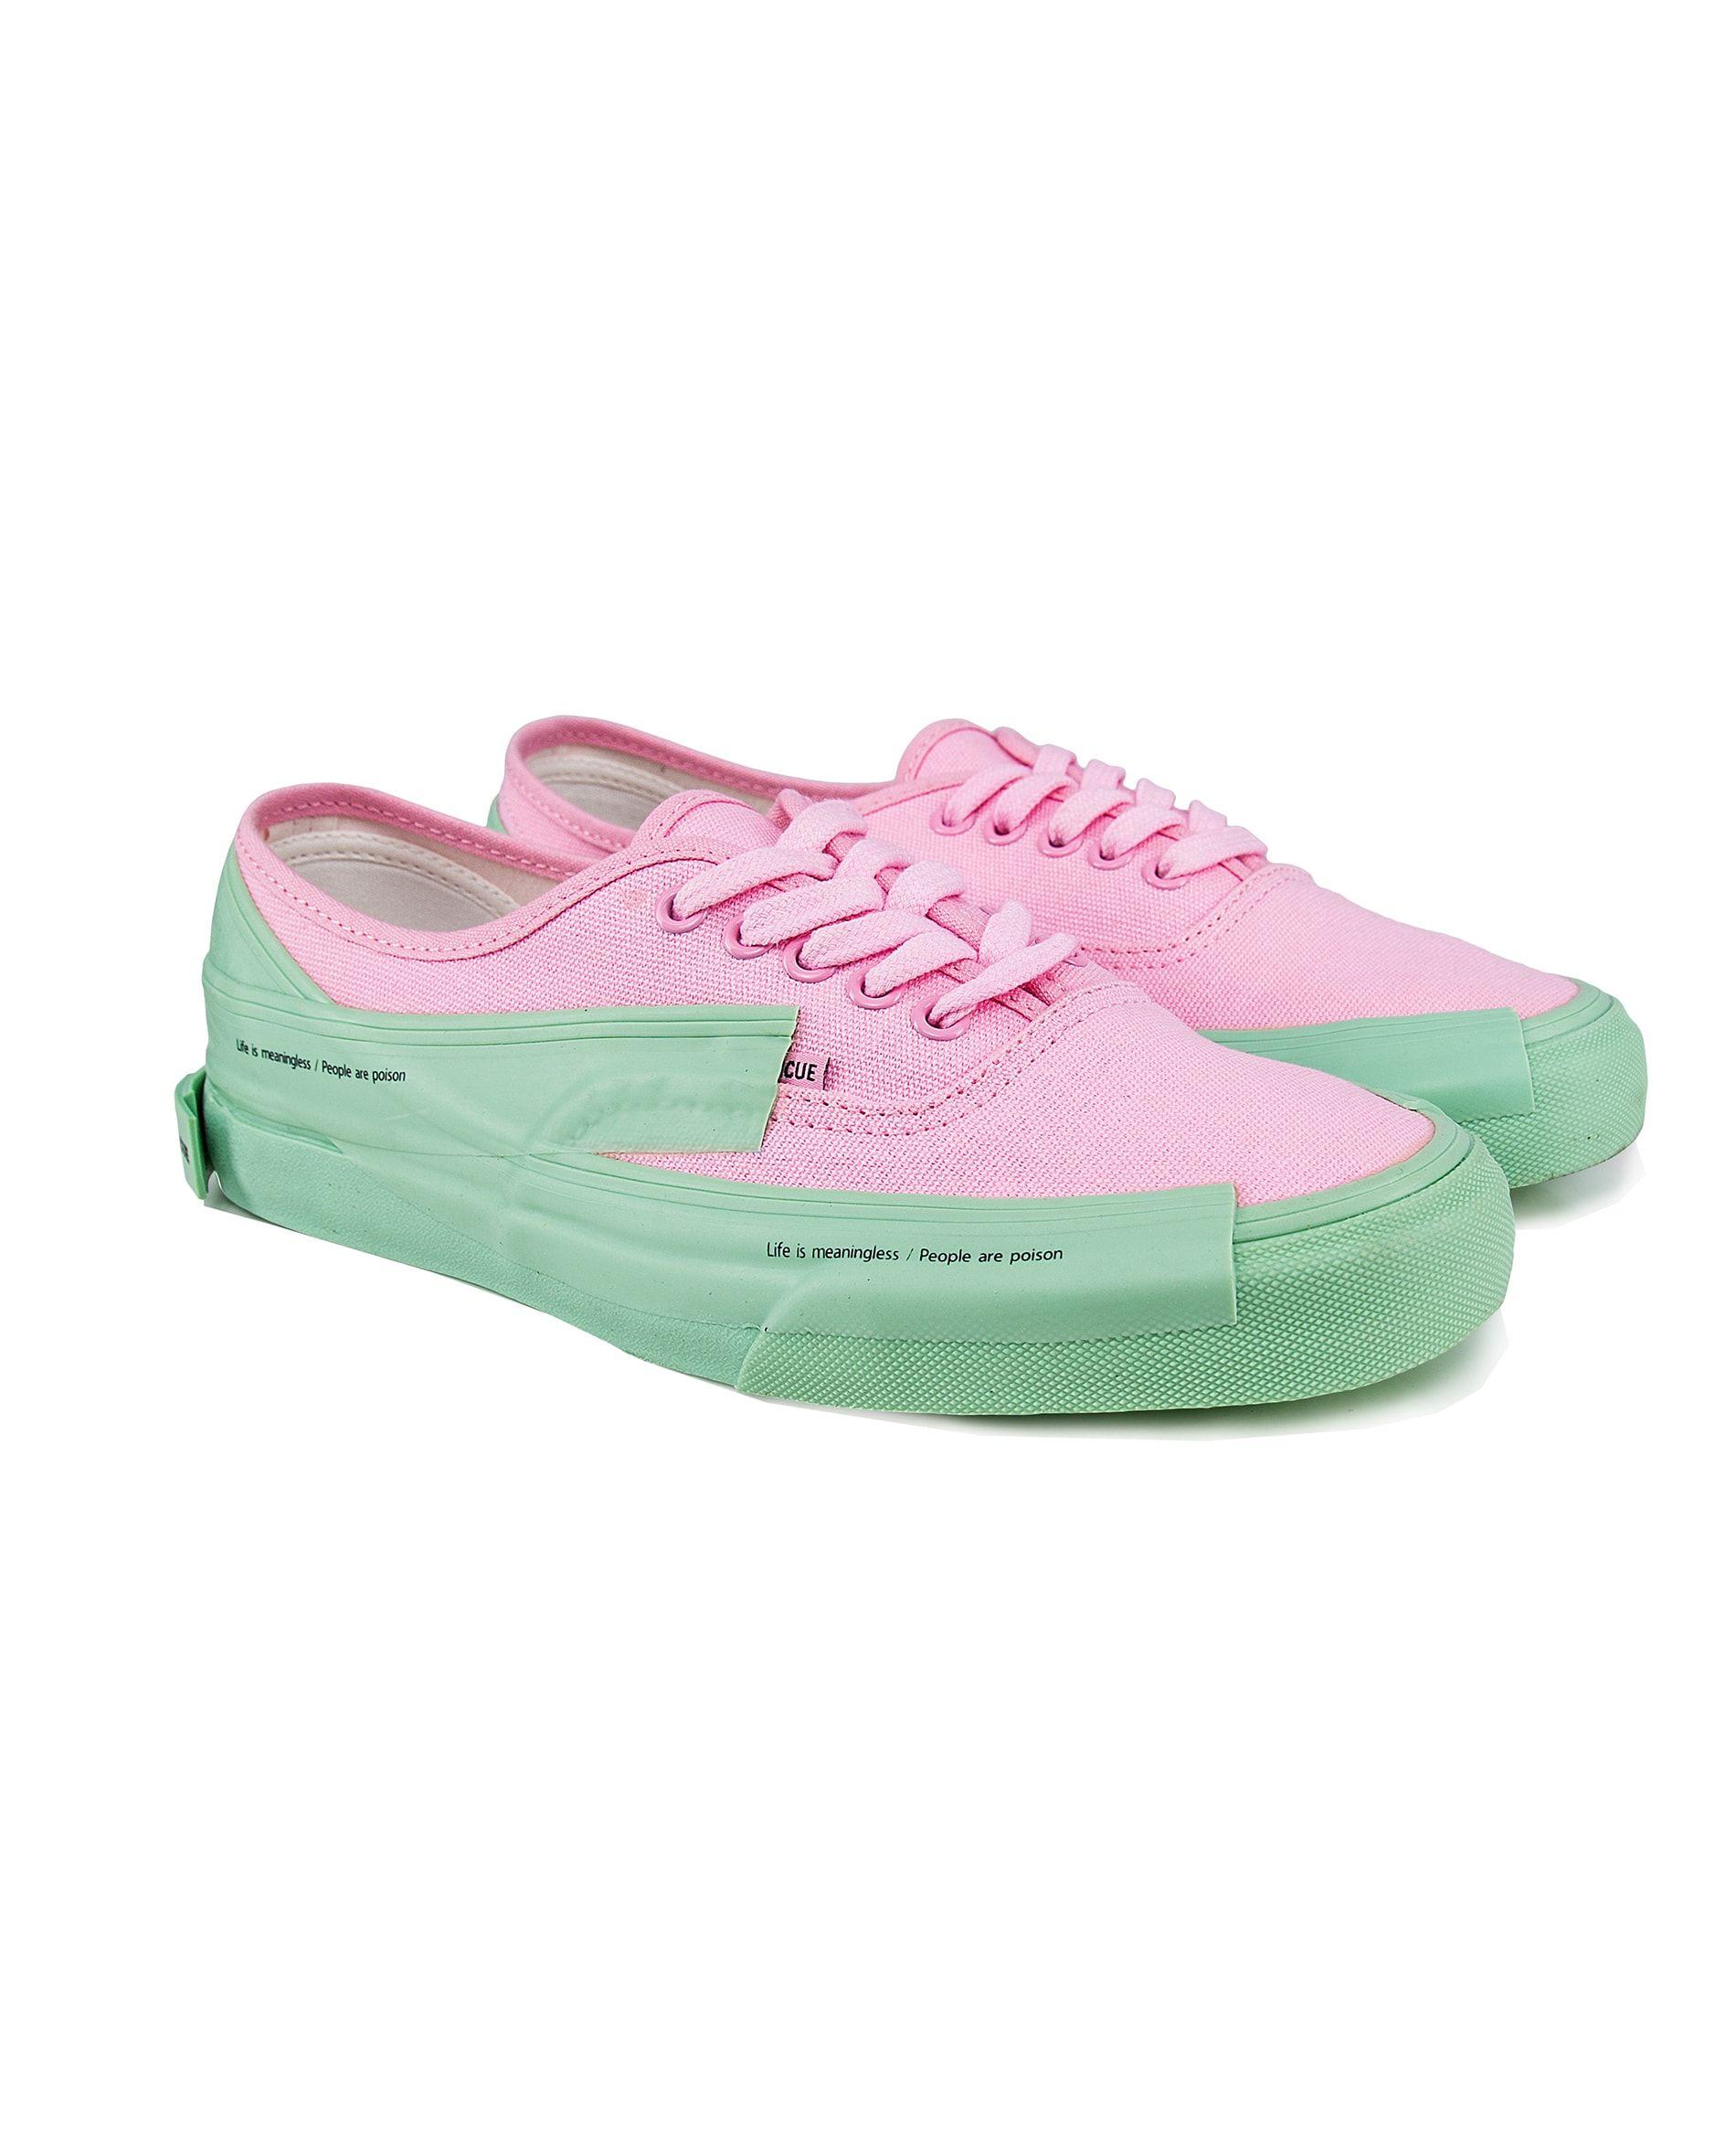 b1abfecb0d Signature Purlicue Sneaker – Round Toe